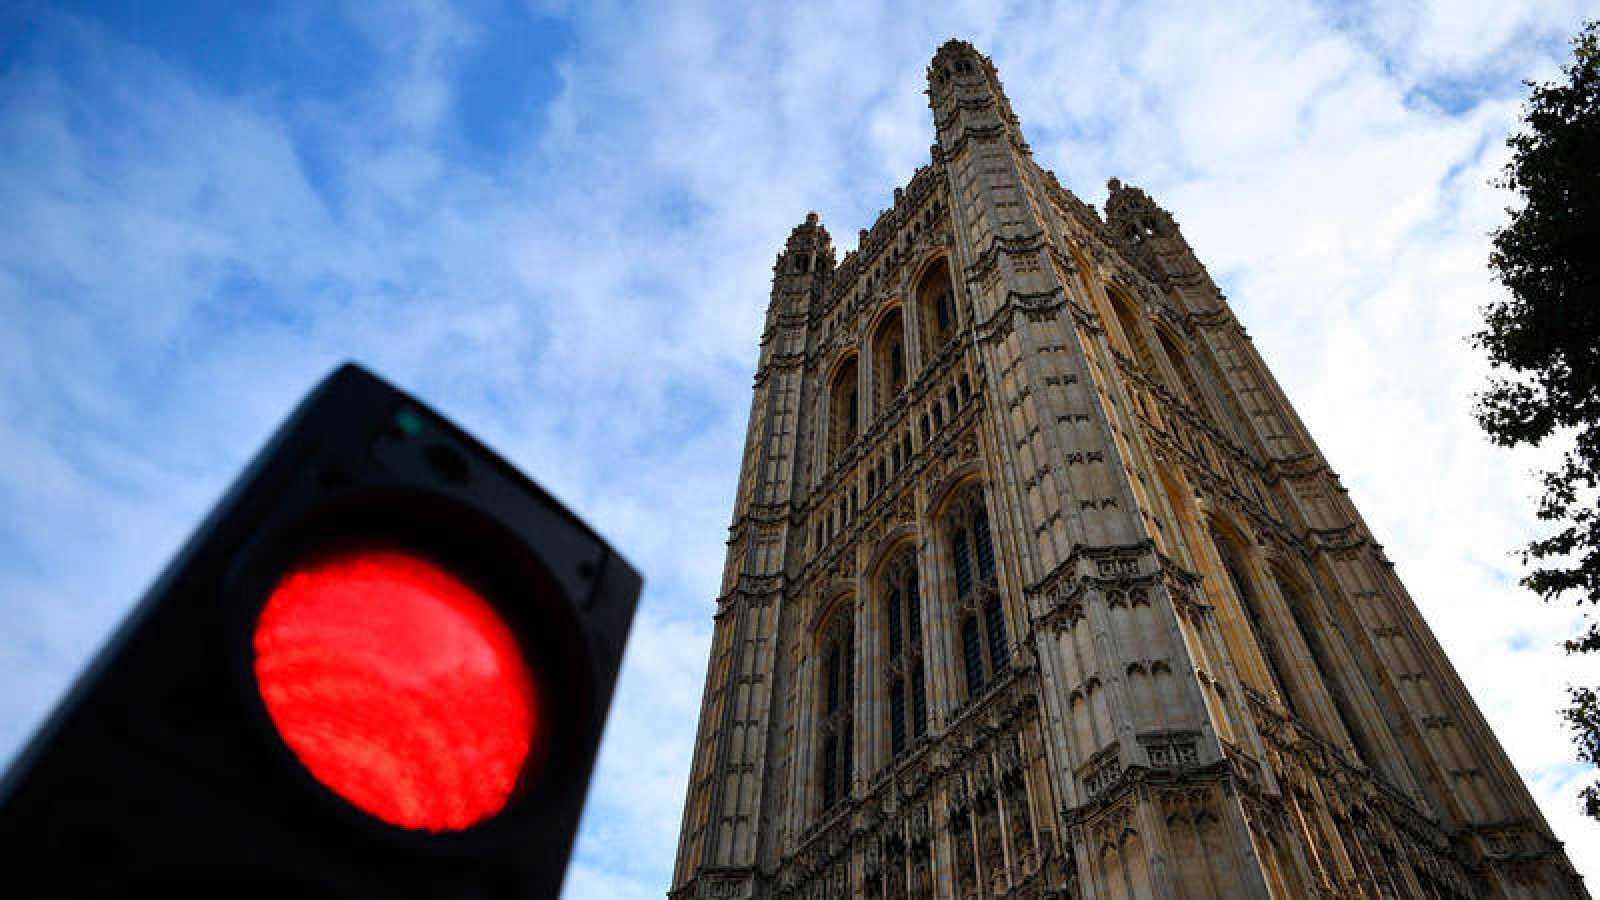 Semáforo rojo delante de la torre del parlamento británico.